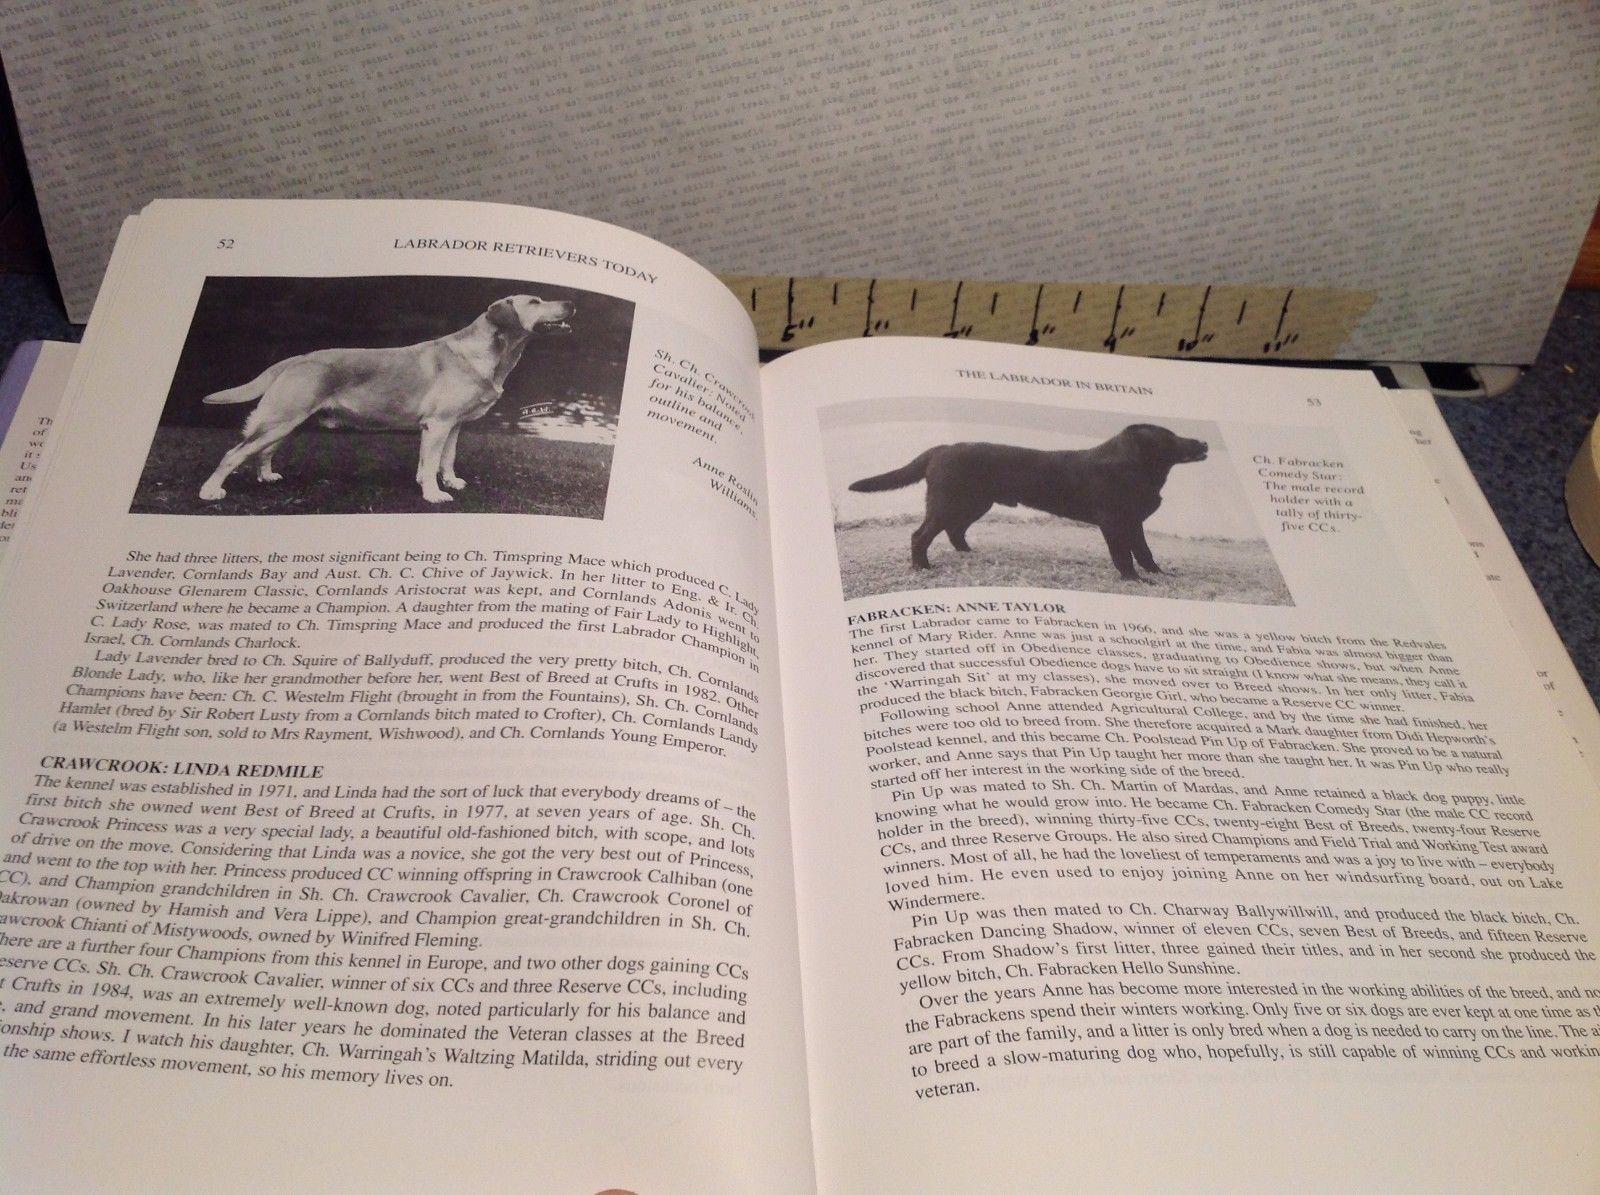 Labrador Retrievers Today Book by Carol Coode